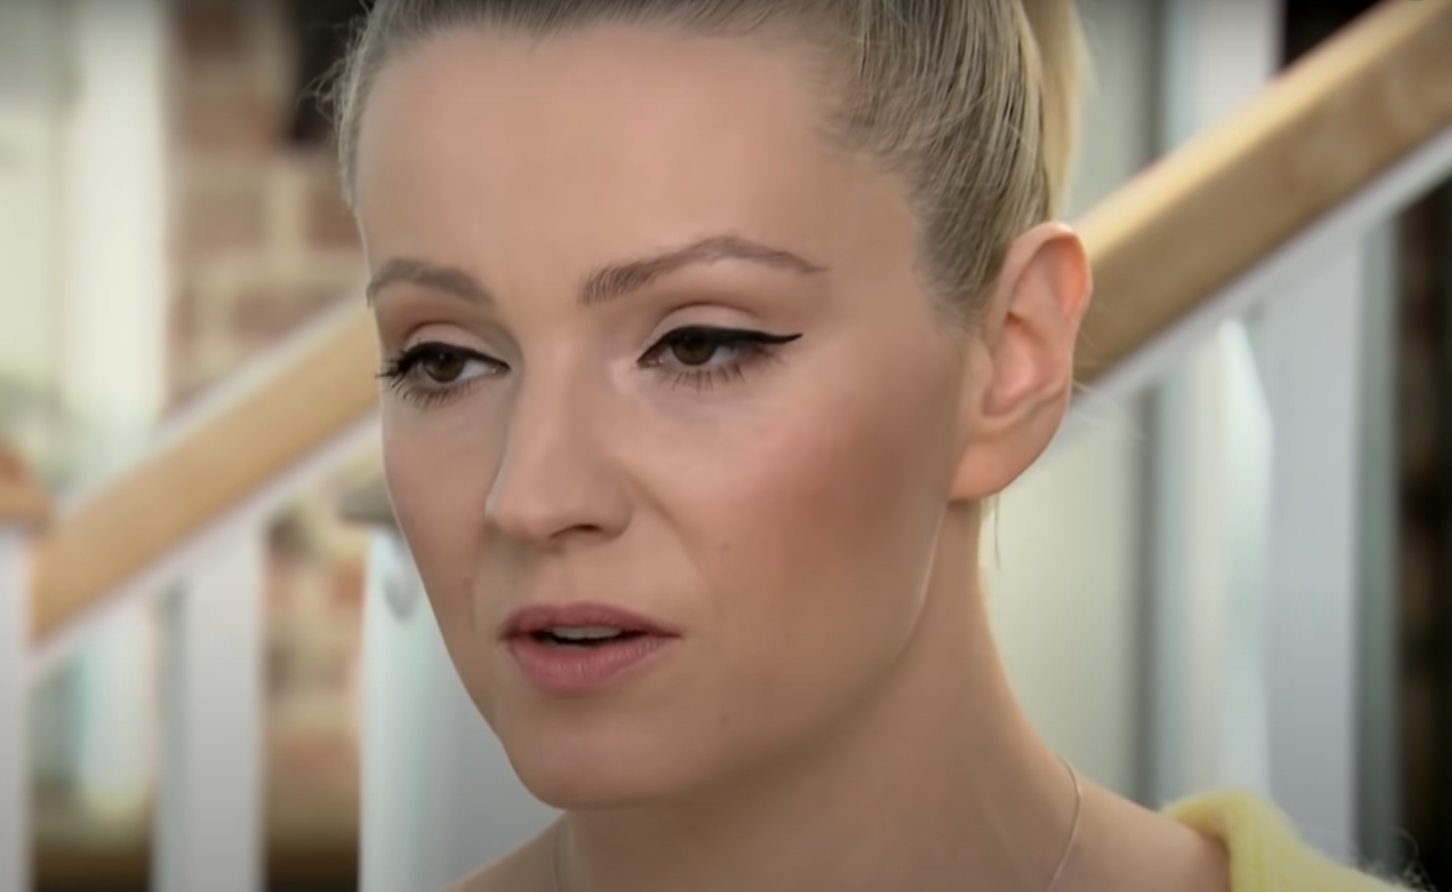 Wpadka jaką zaliczyła Szelągowska (TVN) nie uszła jej płazem, fani są wściekli, że reklamuje produkty Nivea, firmie zarzucane są testy na zwierzętach.